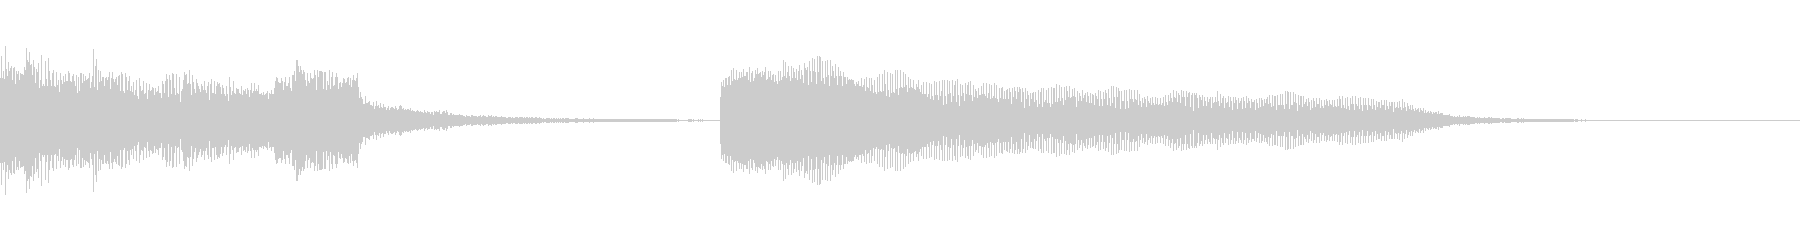 シンセサイザーとハッピーグルーヴが...の未再生の波形